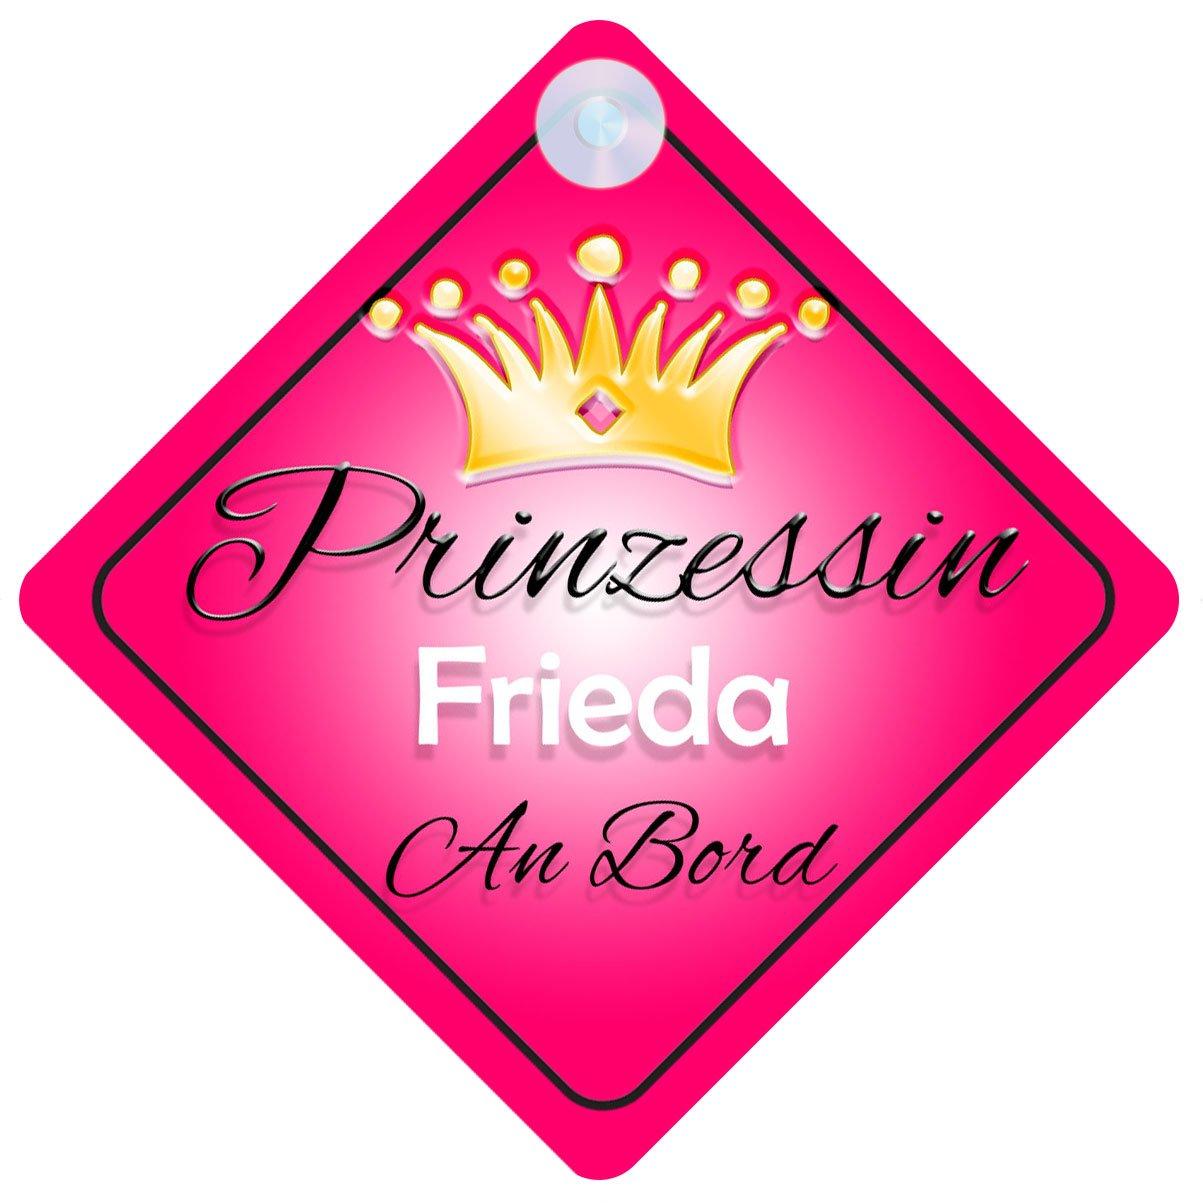 Prinzessin Frieda Baby / Kind an Bord Mädchen Auto-Zeichen (Prinzessin001) Quality Goods Ltd